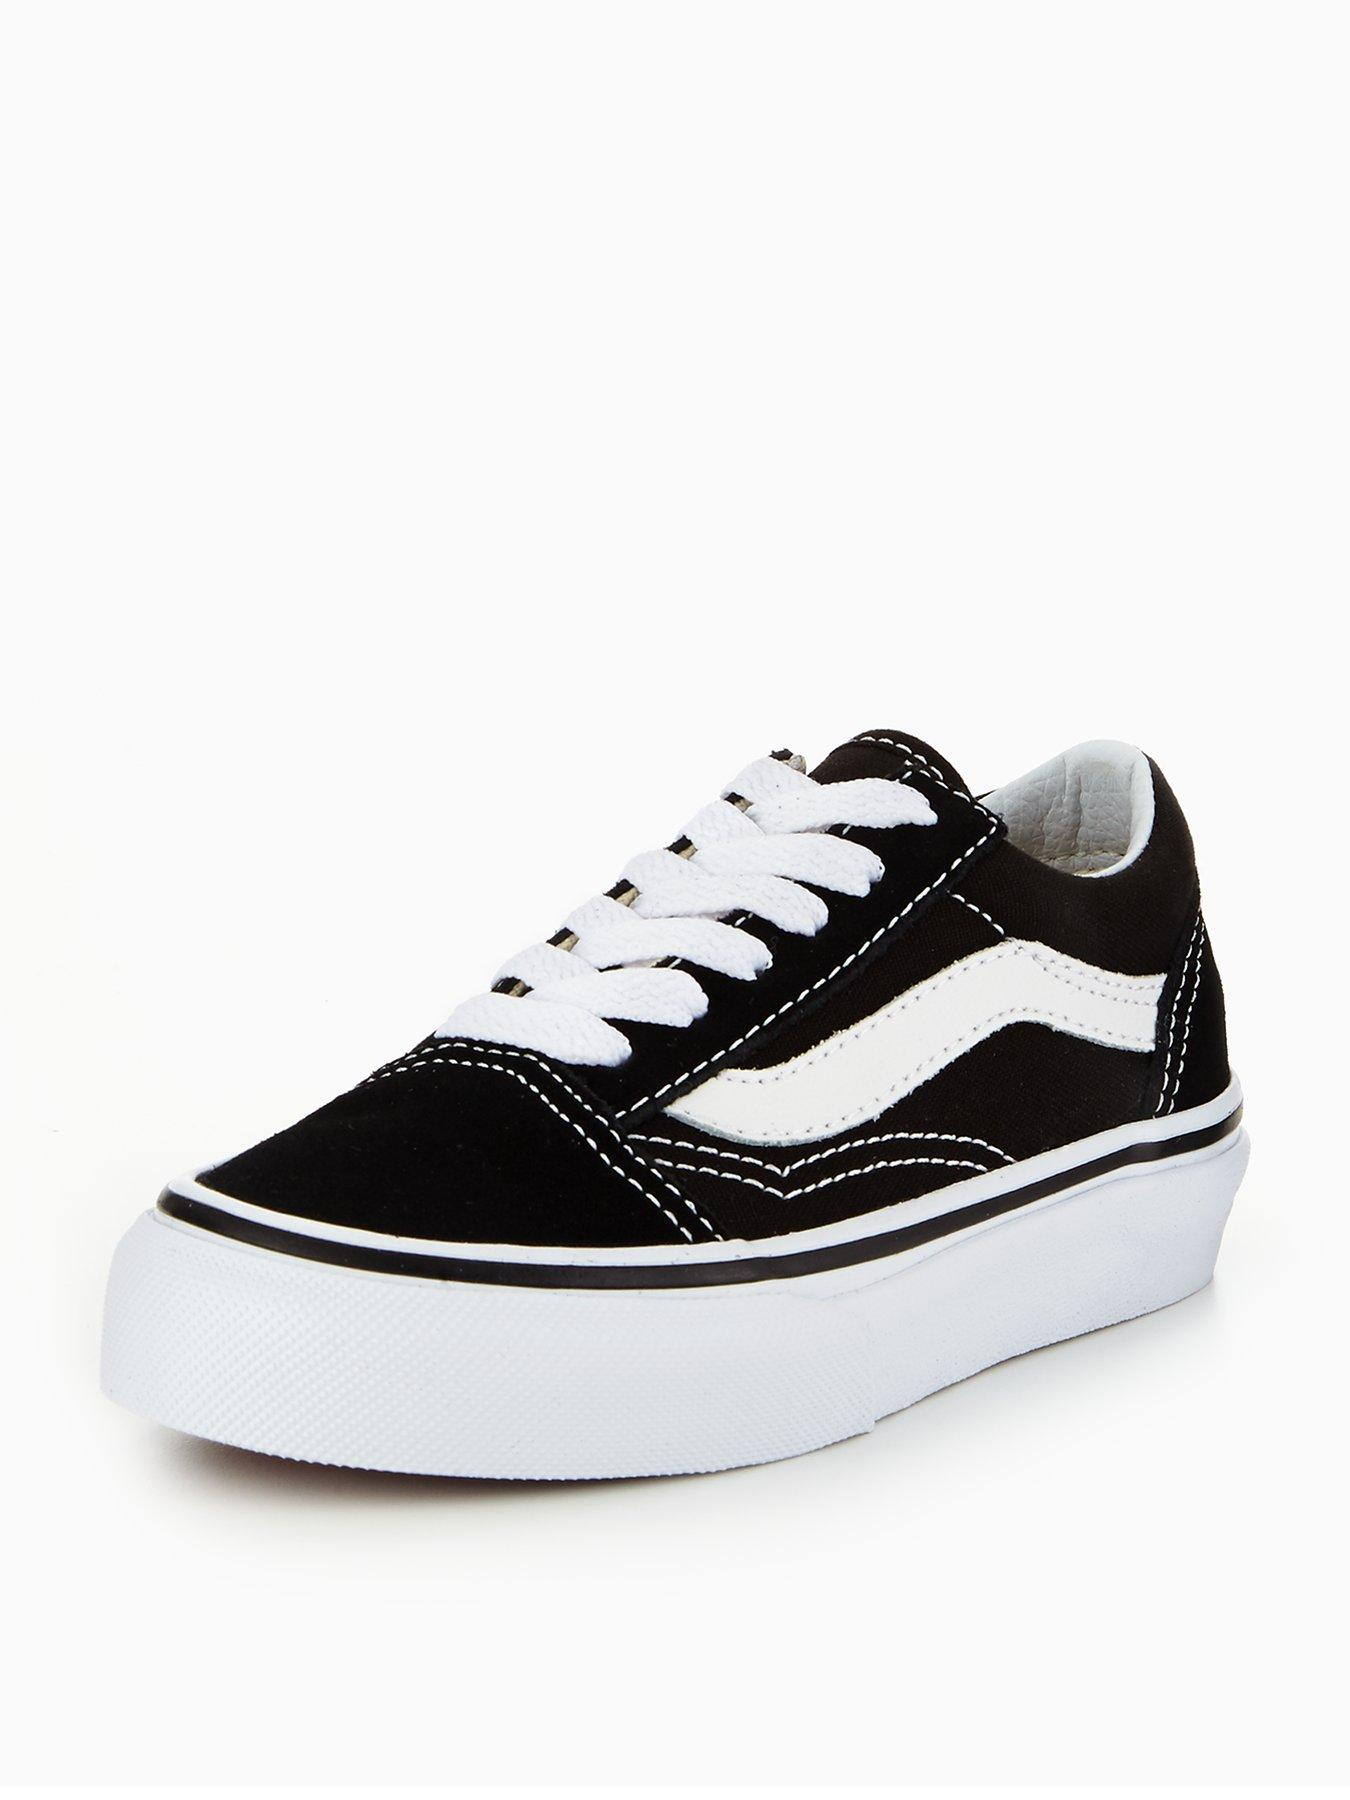 Vans | Shop For Vans |